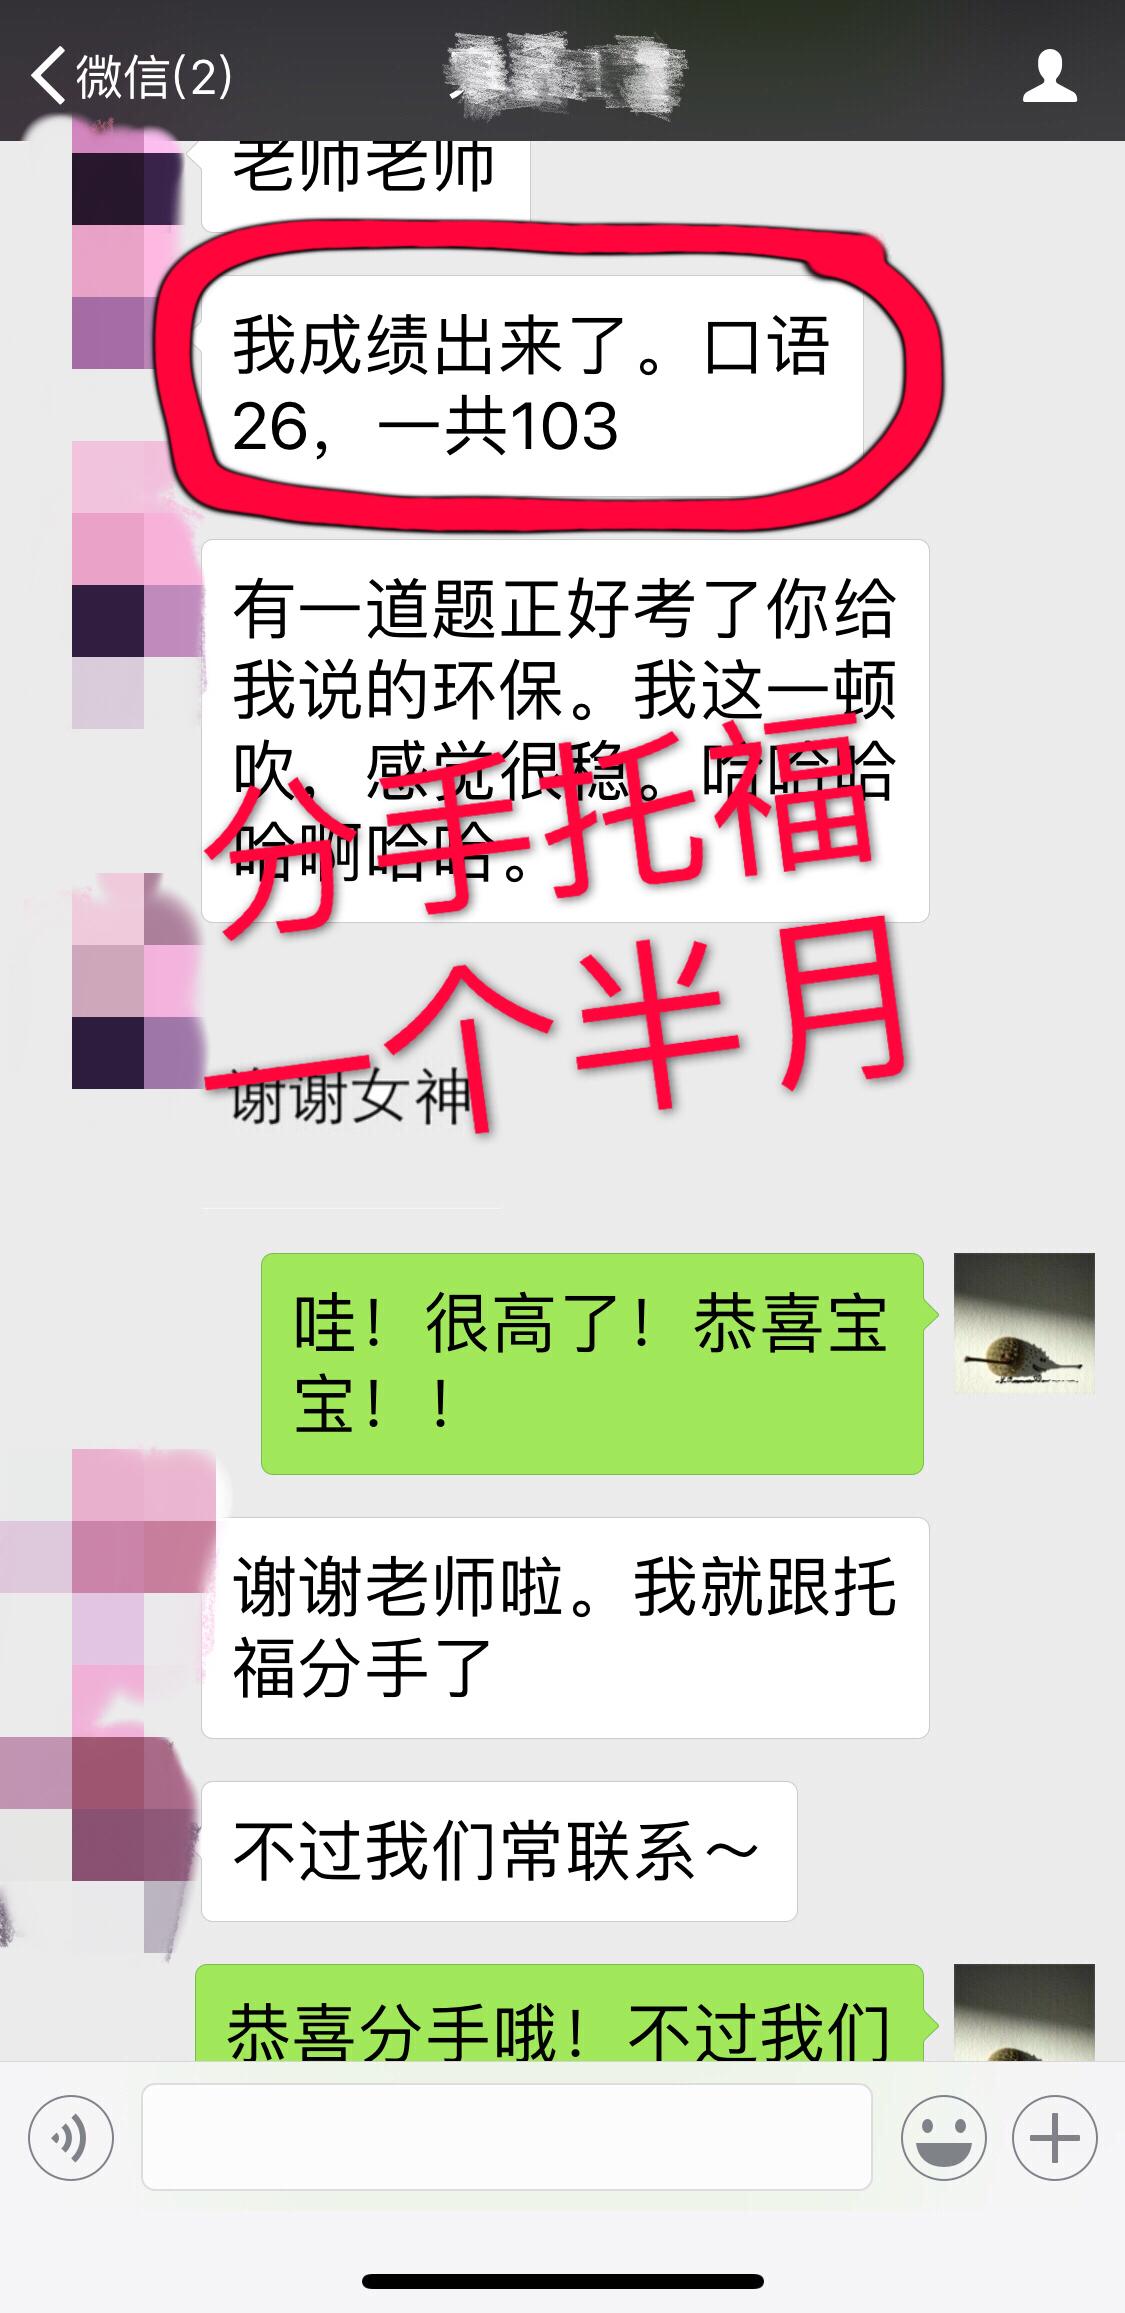 赵爽学员评价1